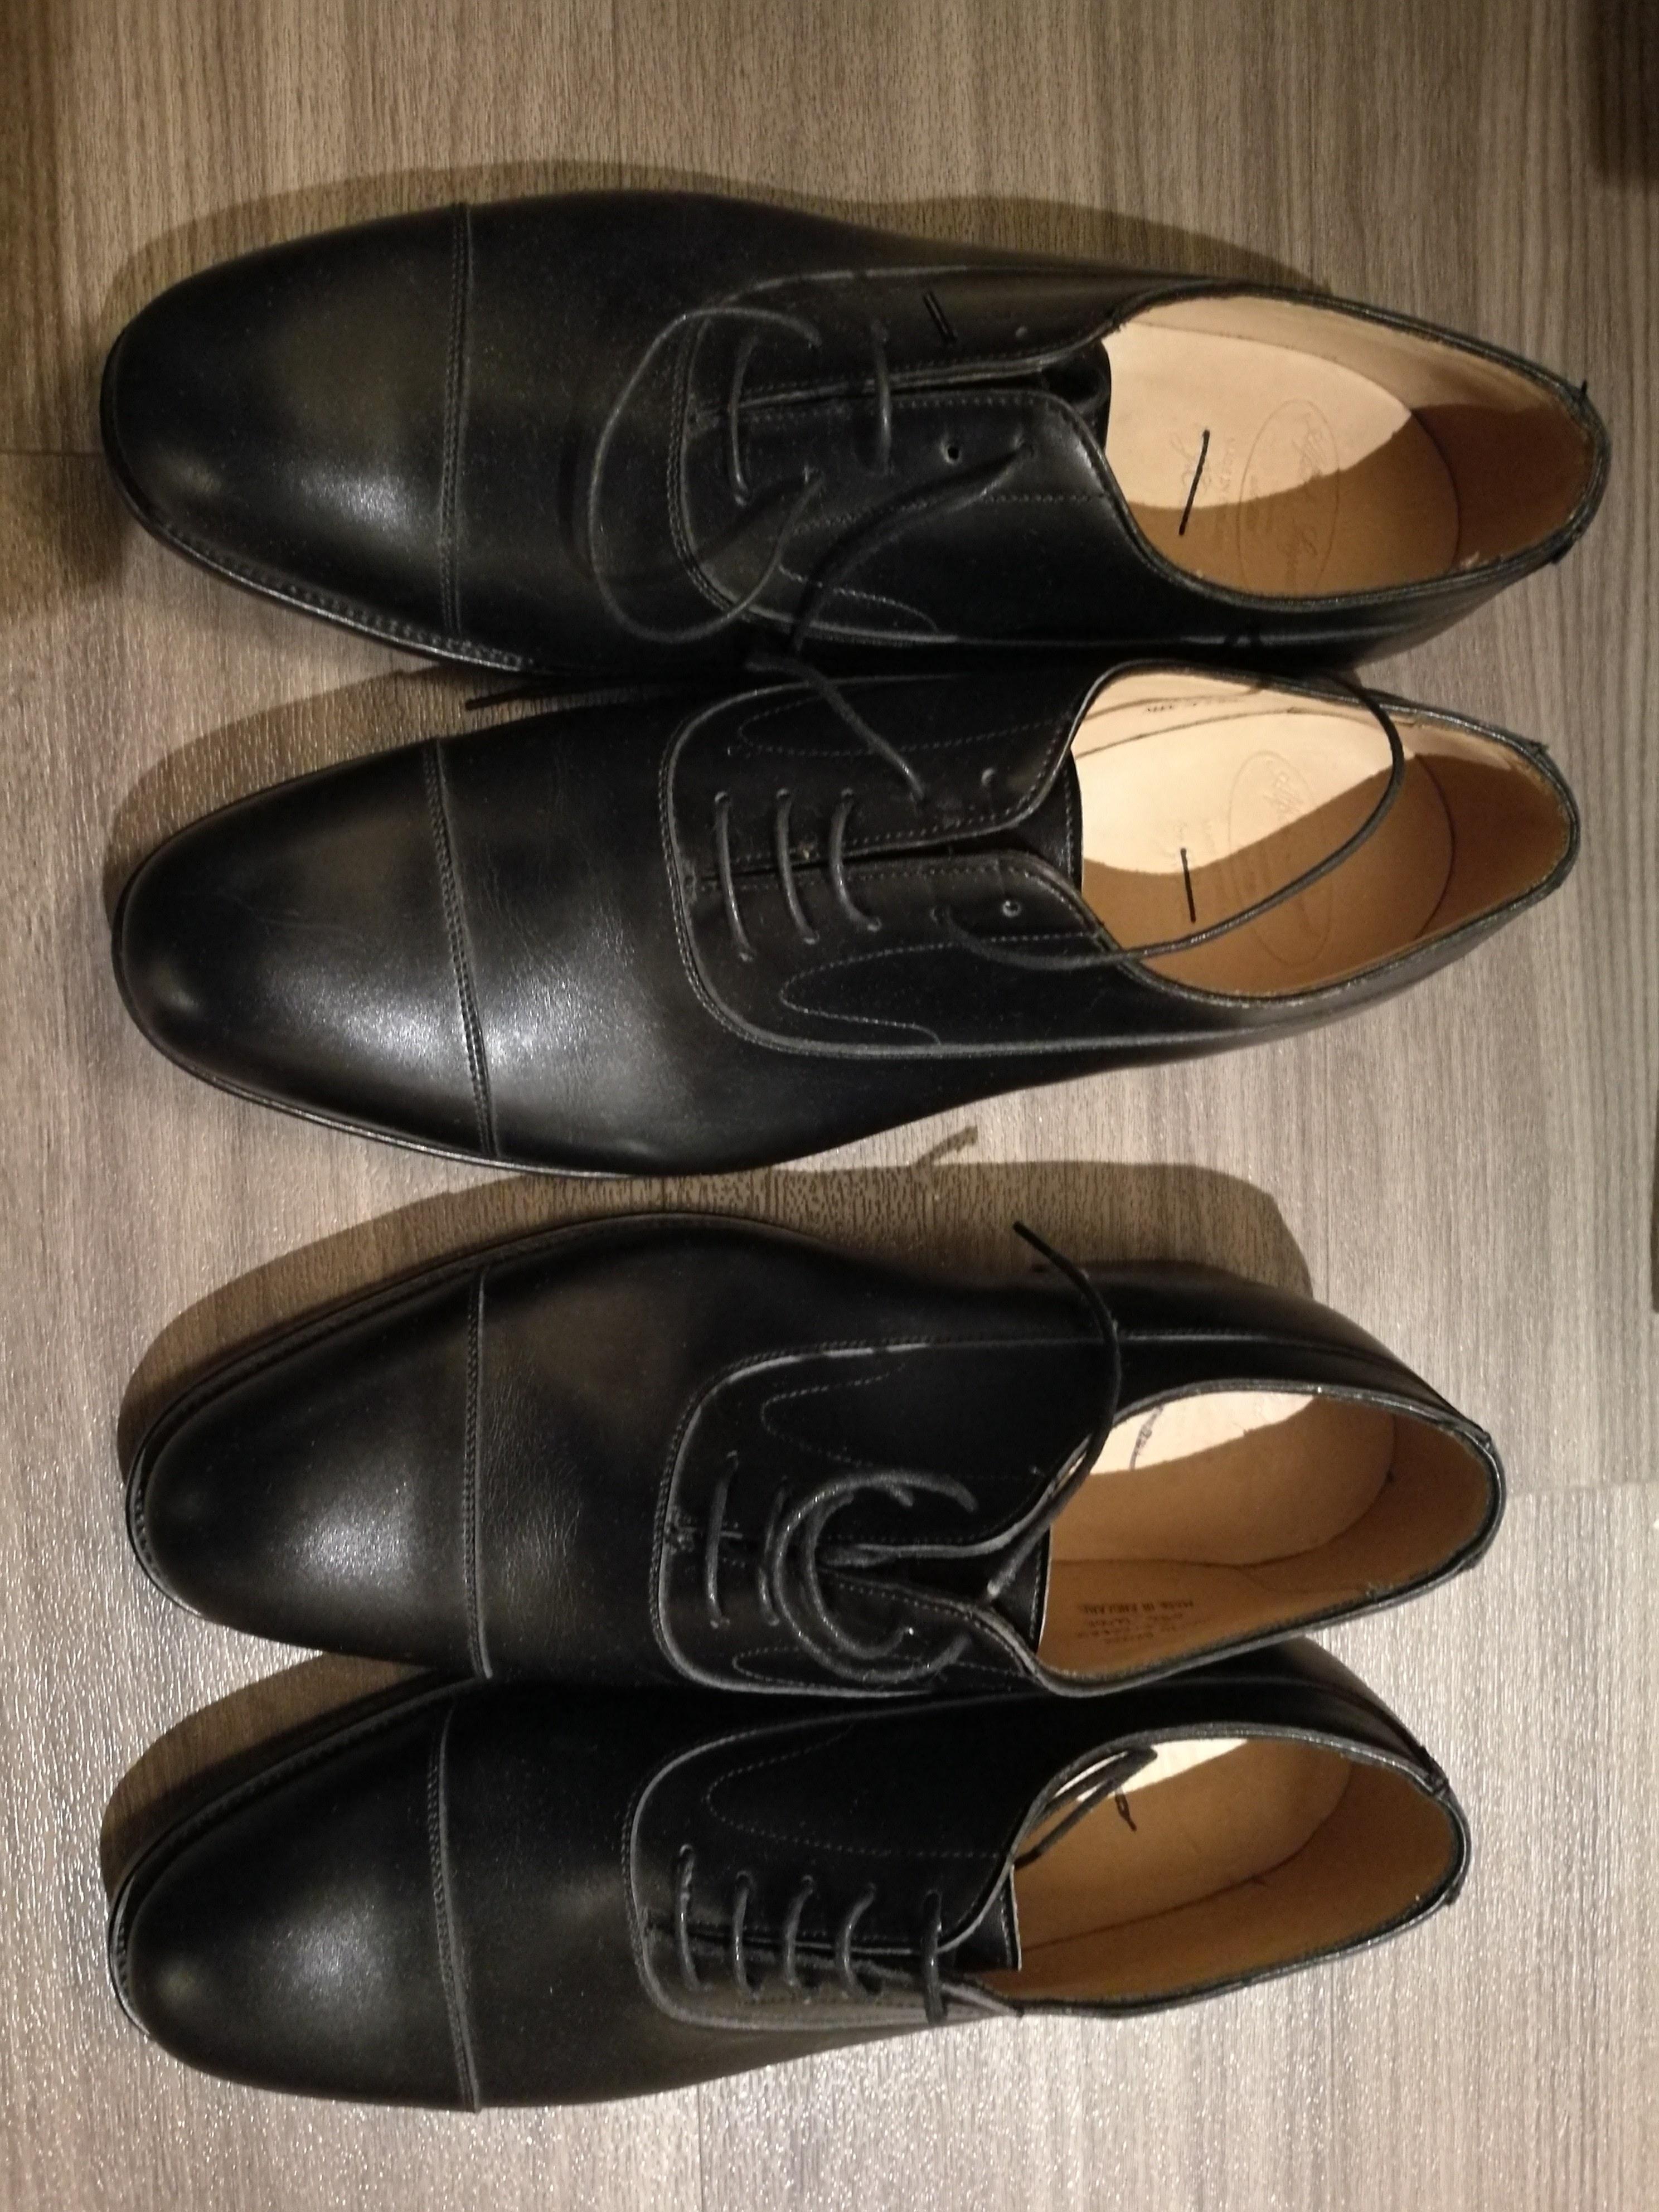 Black Oxfords 1.jpg